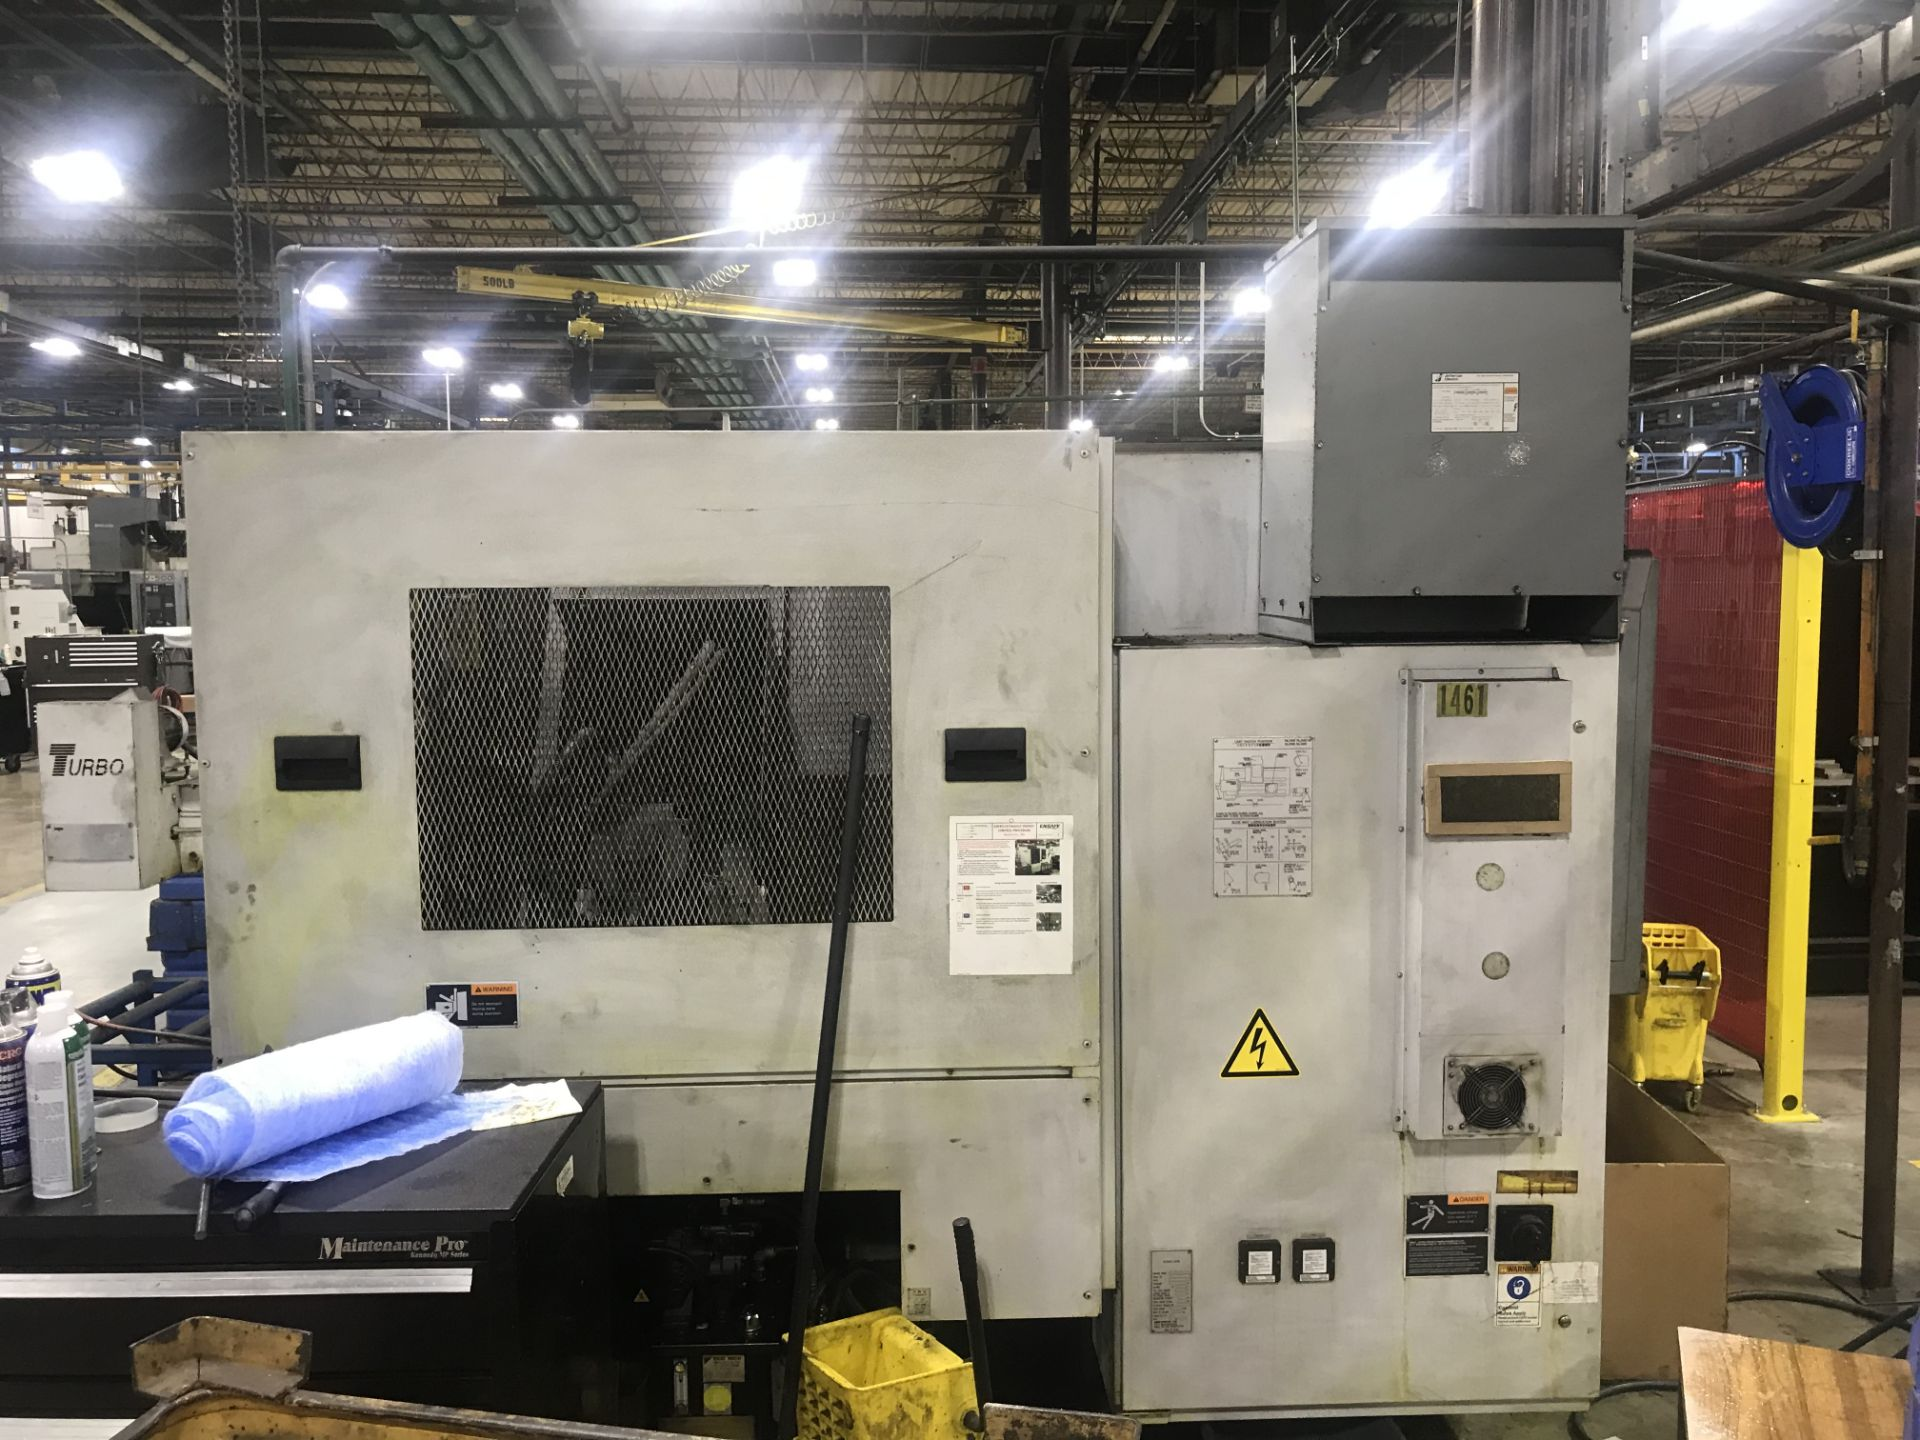 2008 Mori Seiki NL2000/500 CNC Turning Center - Image 4 of 8